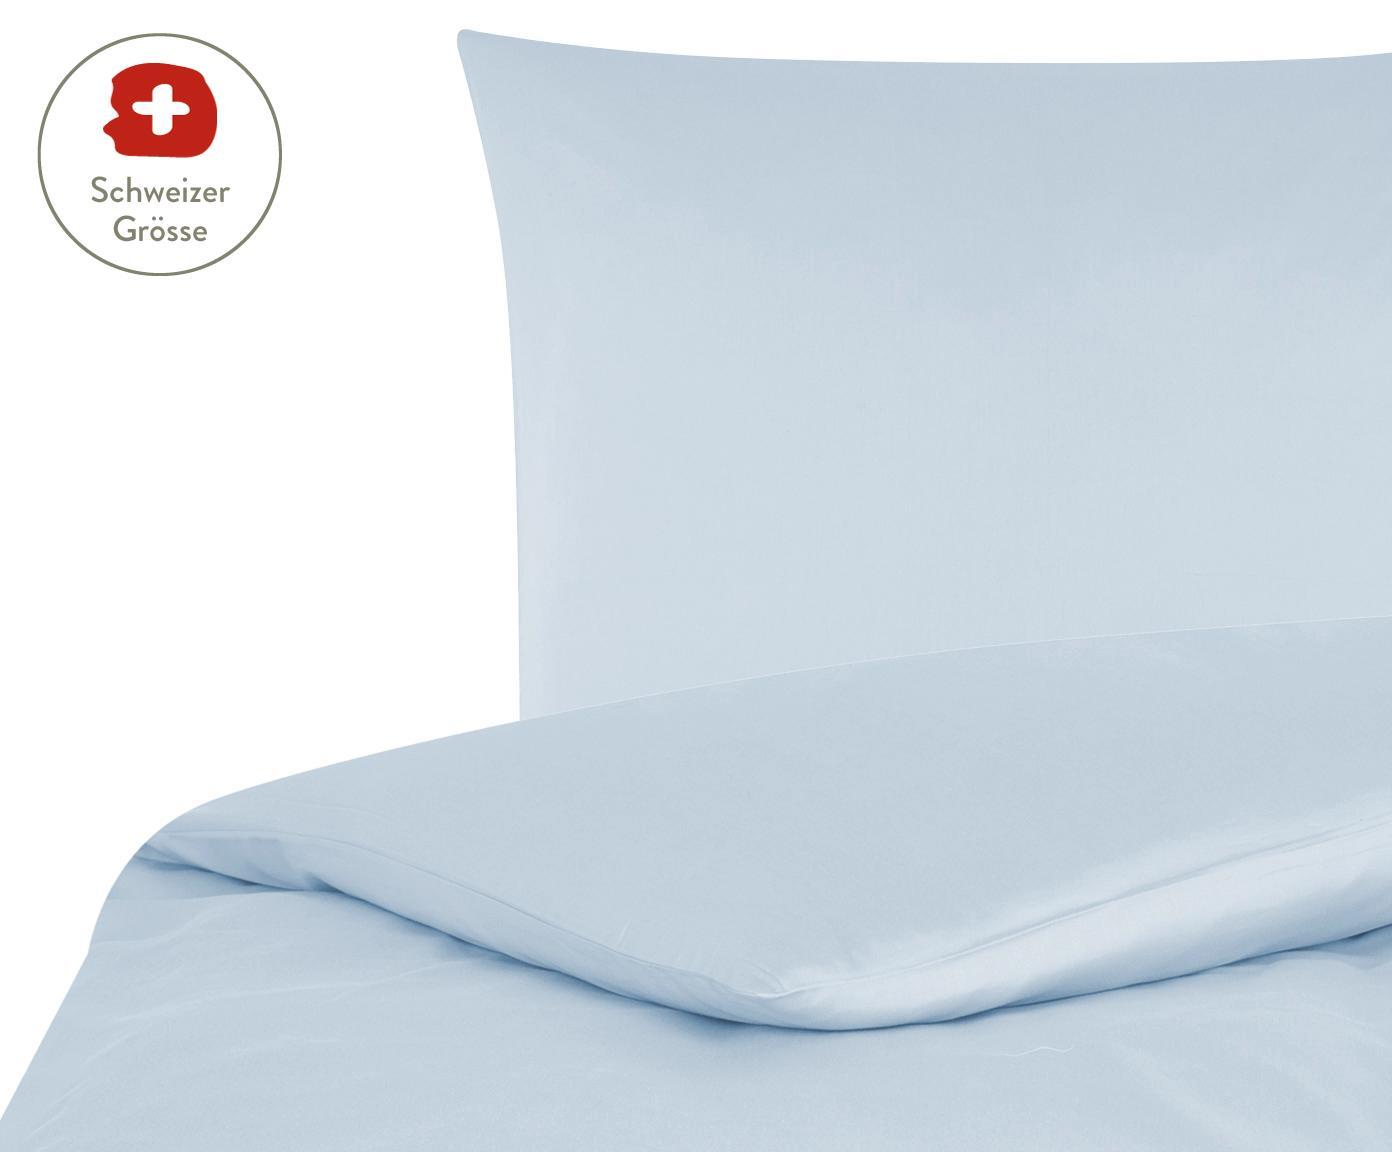 Baumwollsatin-Bettdeckenbezug Comfort in Hellblau, Webart: Satin, leicht glänzend, Hellblau, 160 x 210 cm